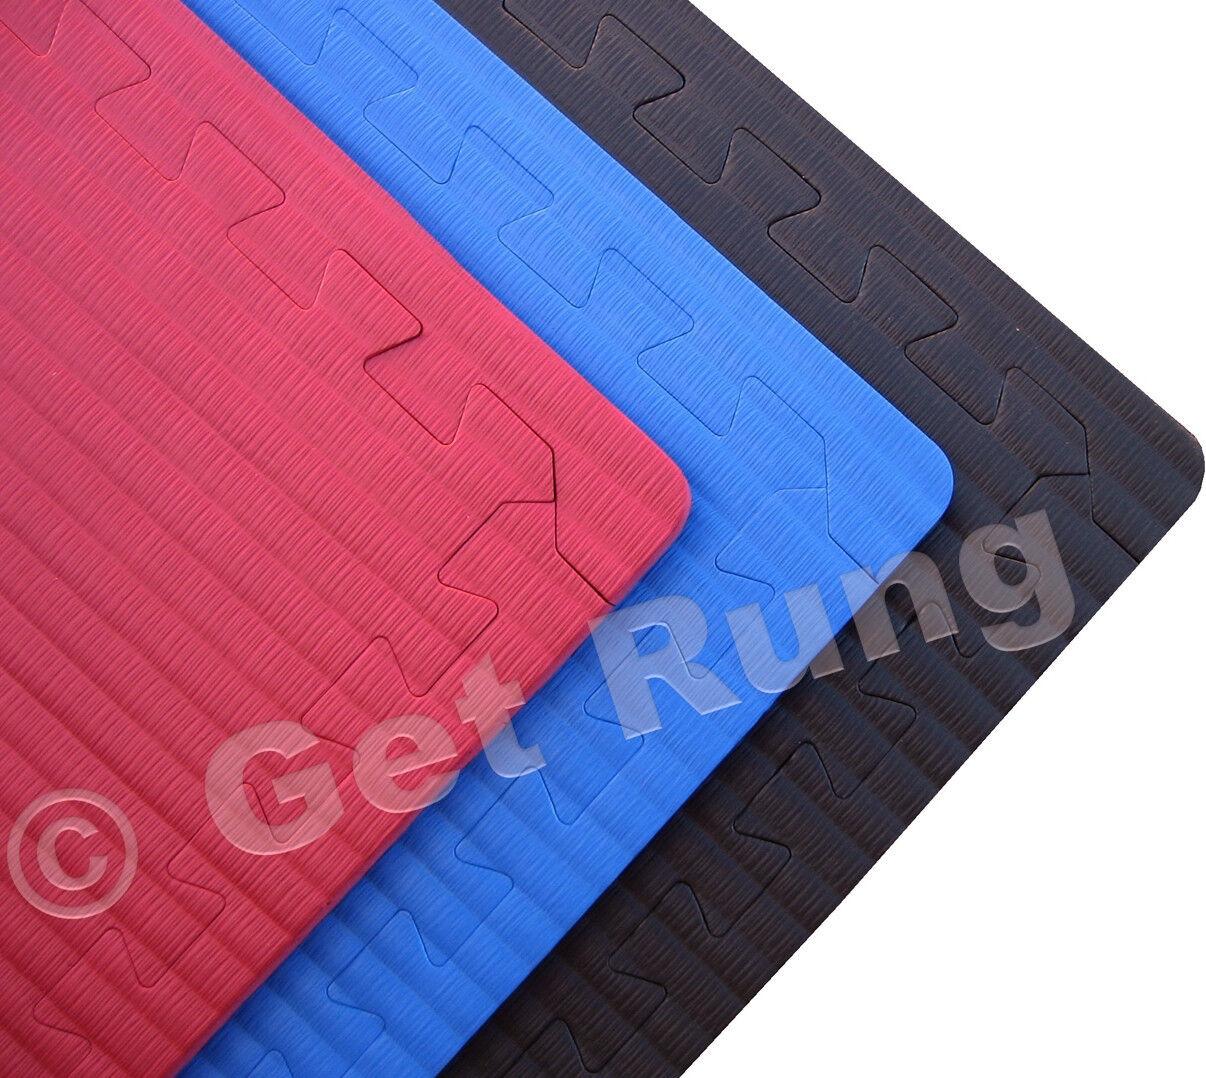 100 sqft martial arts foam mats reversible exercise blueeeeeeeee grappling puzzle tiles